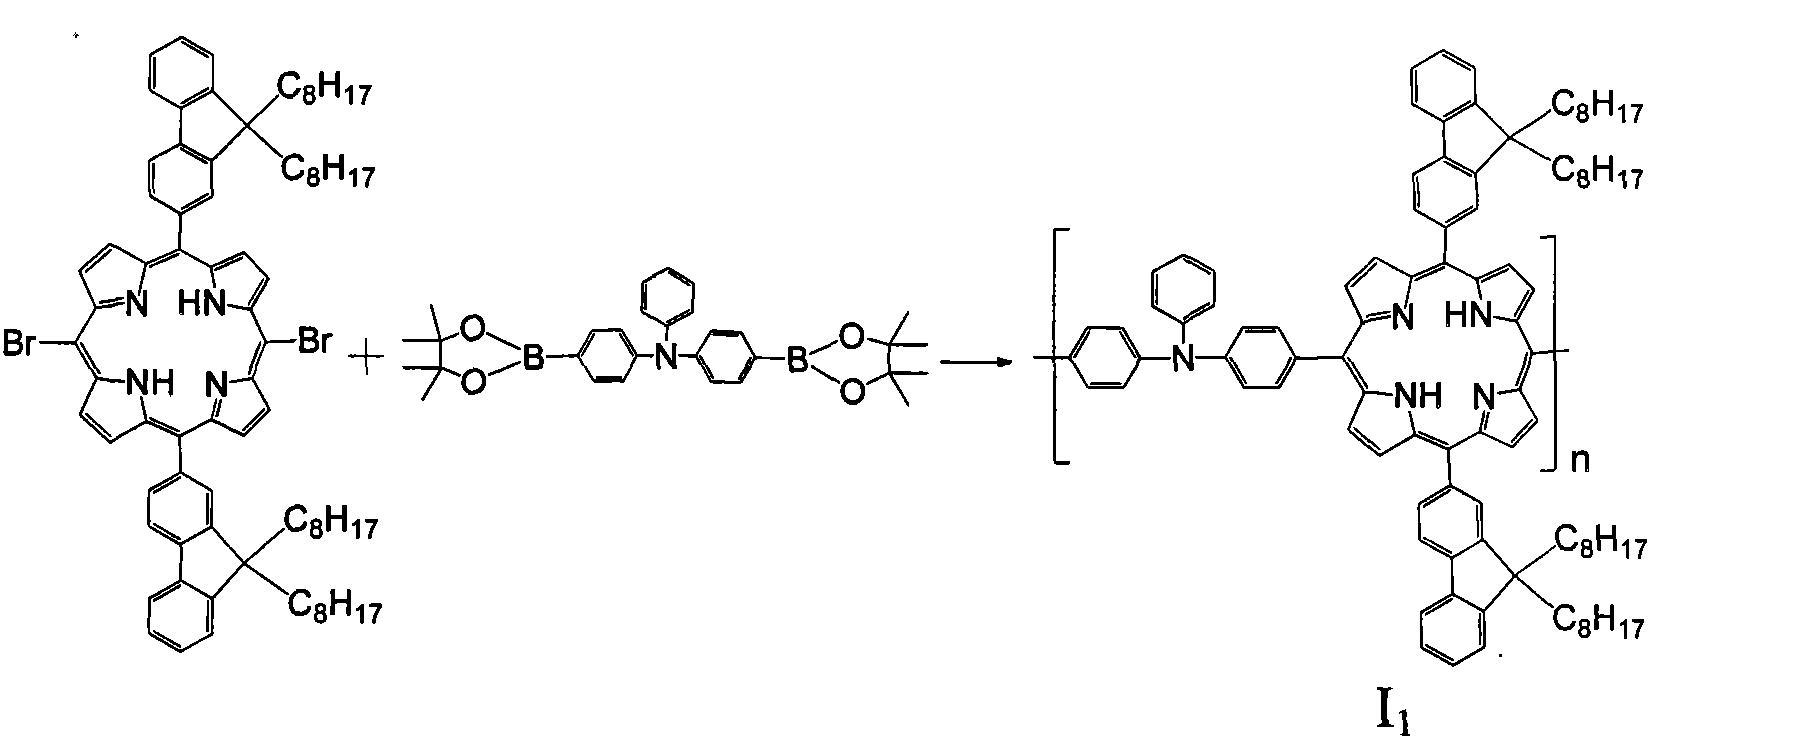 分别提供如下结构式表示的化合物Α